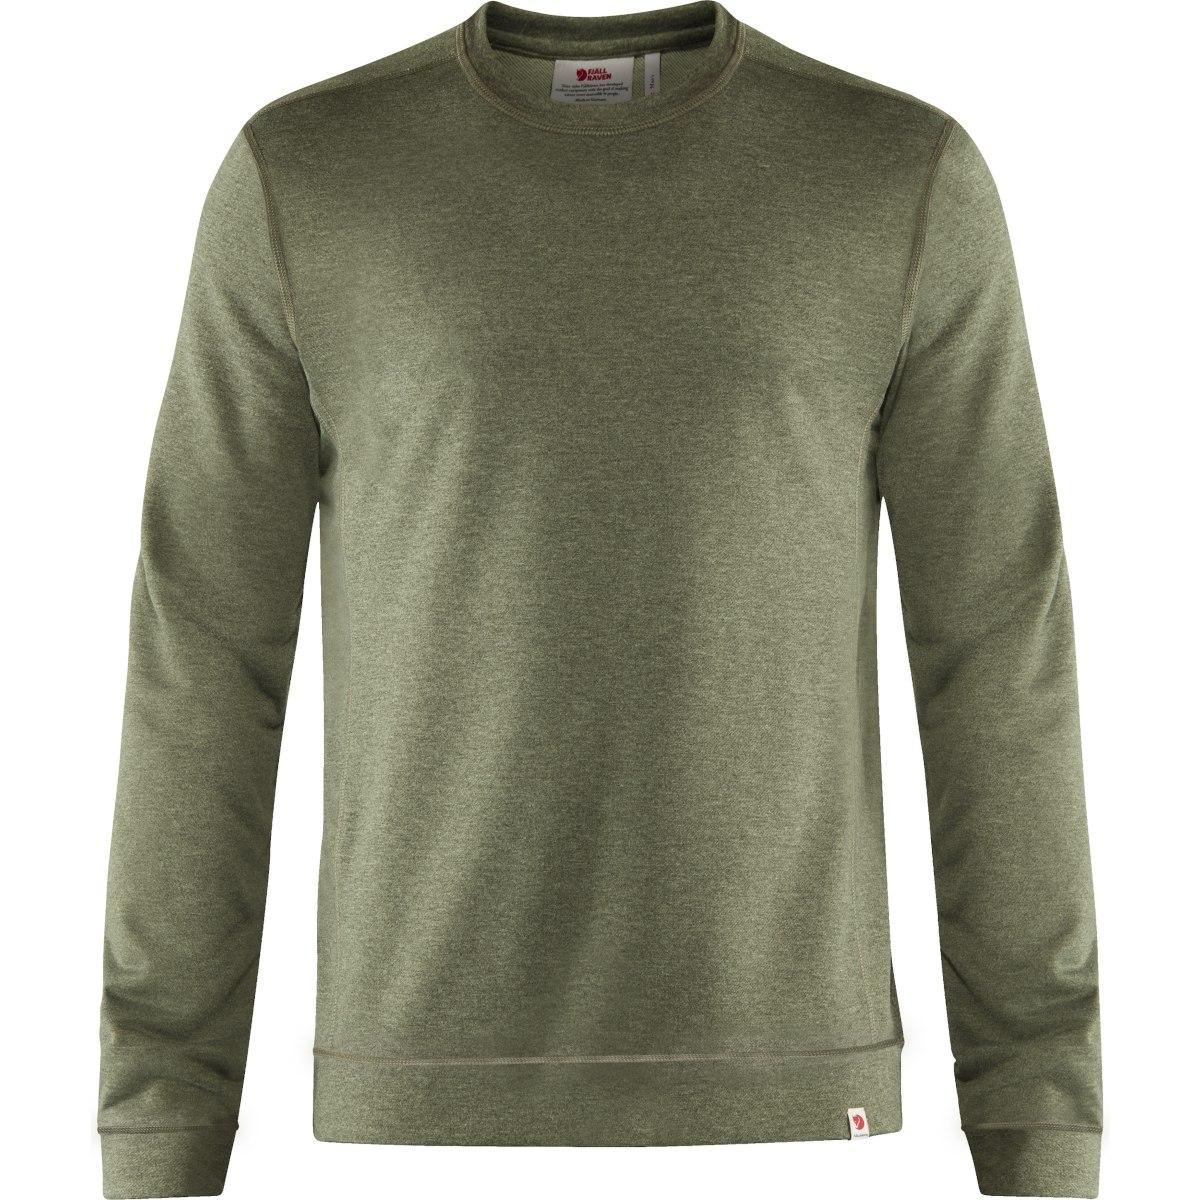 Fjällräven High Coast Lite Sweater - green